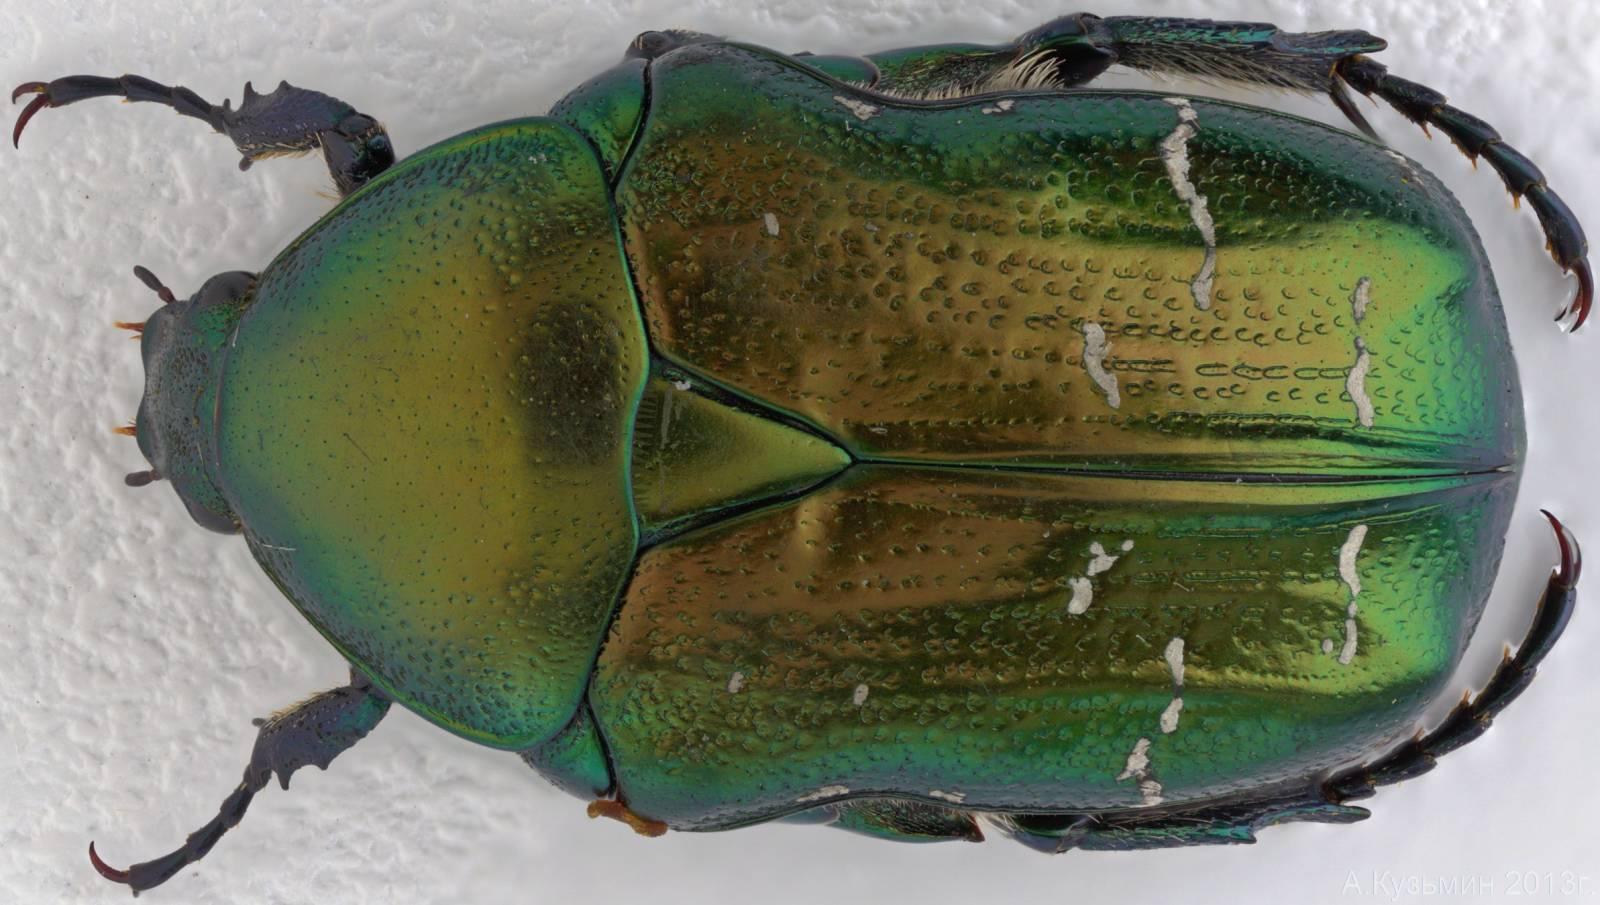 Бронзовка золотая или обыкновенная (Cetonia aurata)